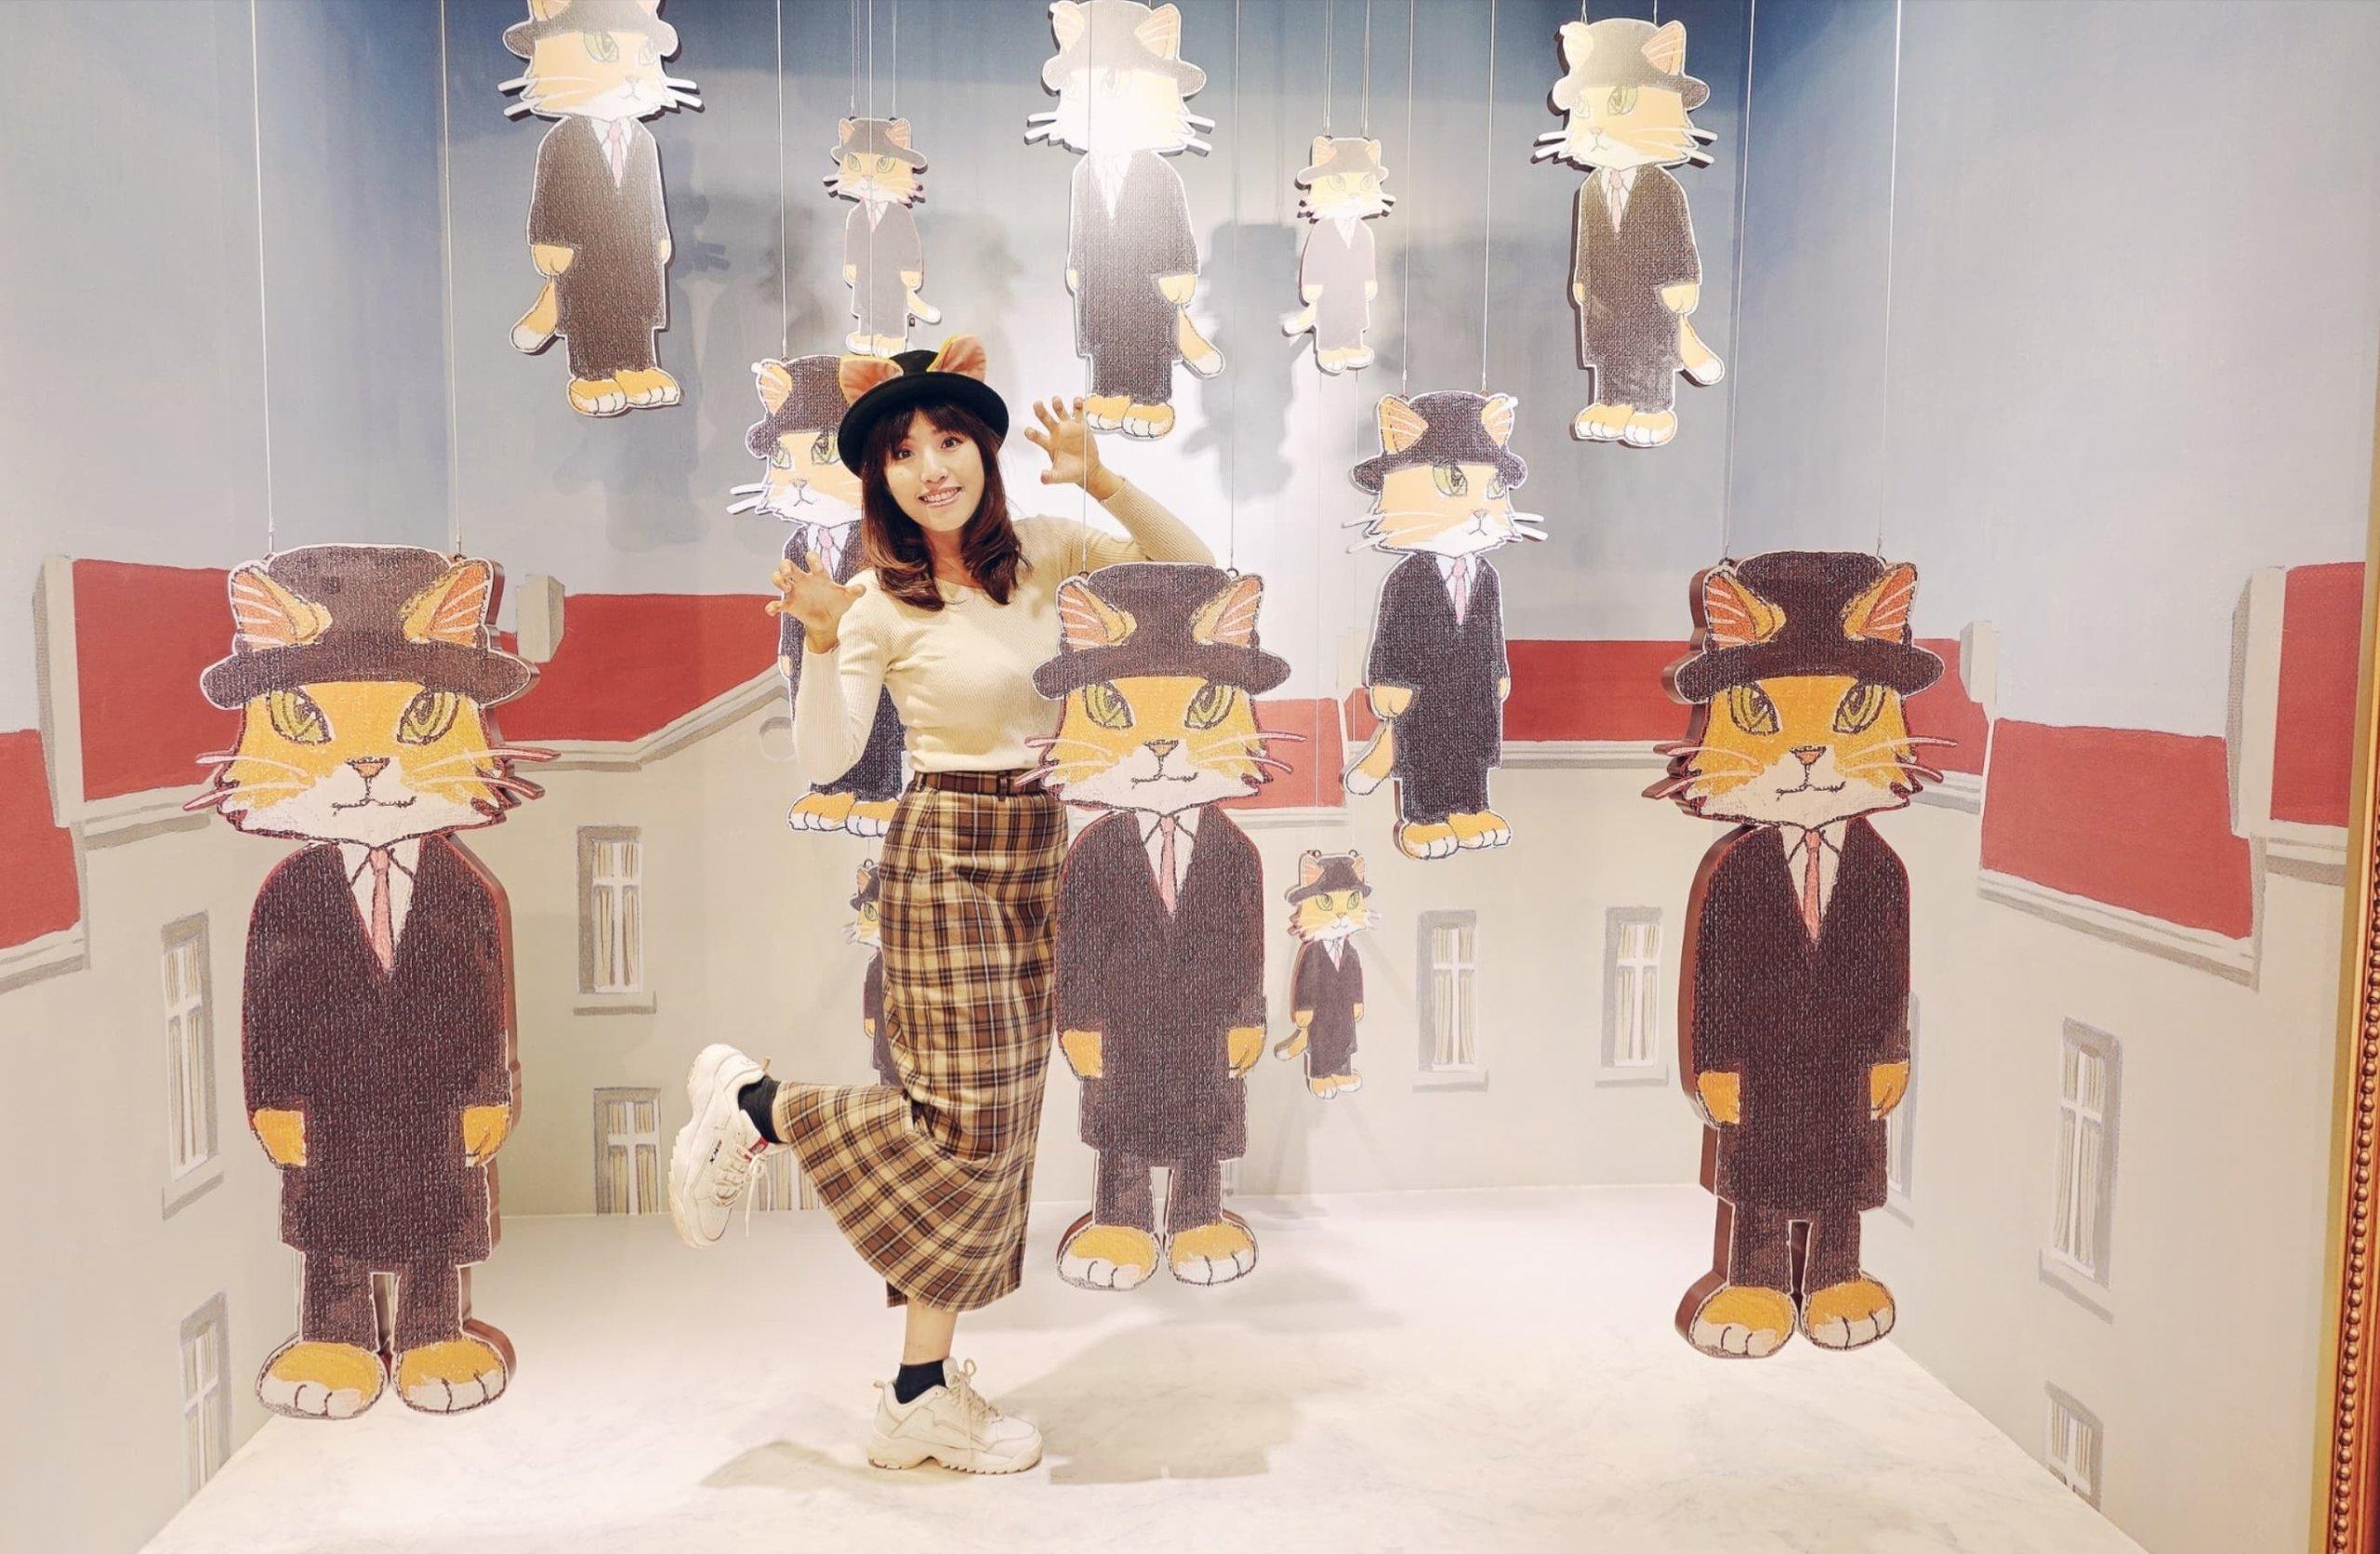 貓迷們可跳進畫框內,隱身為 《戈爾孔達貓》的「貓」子之一。